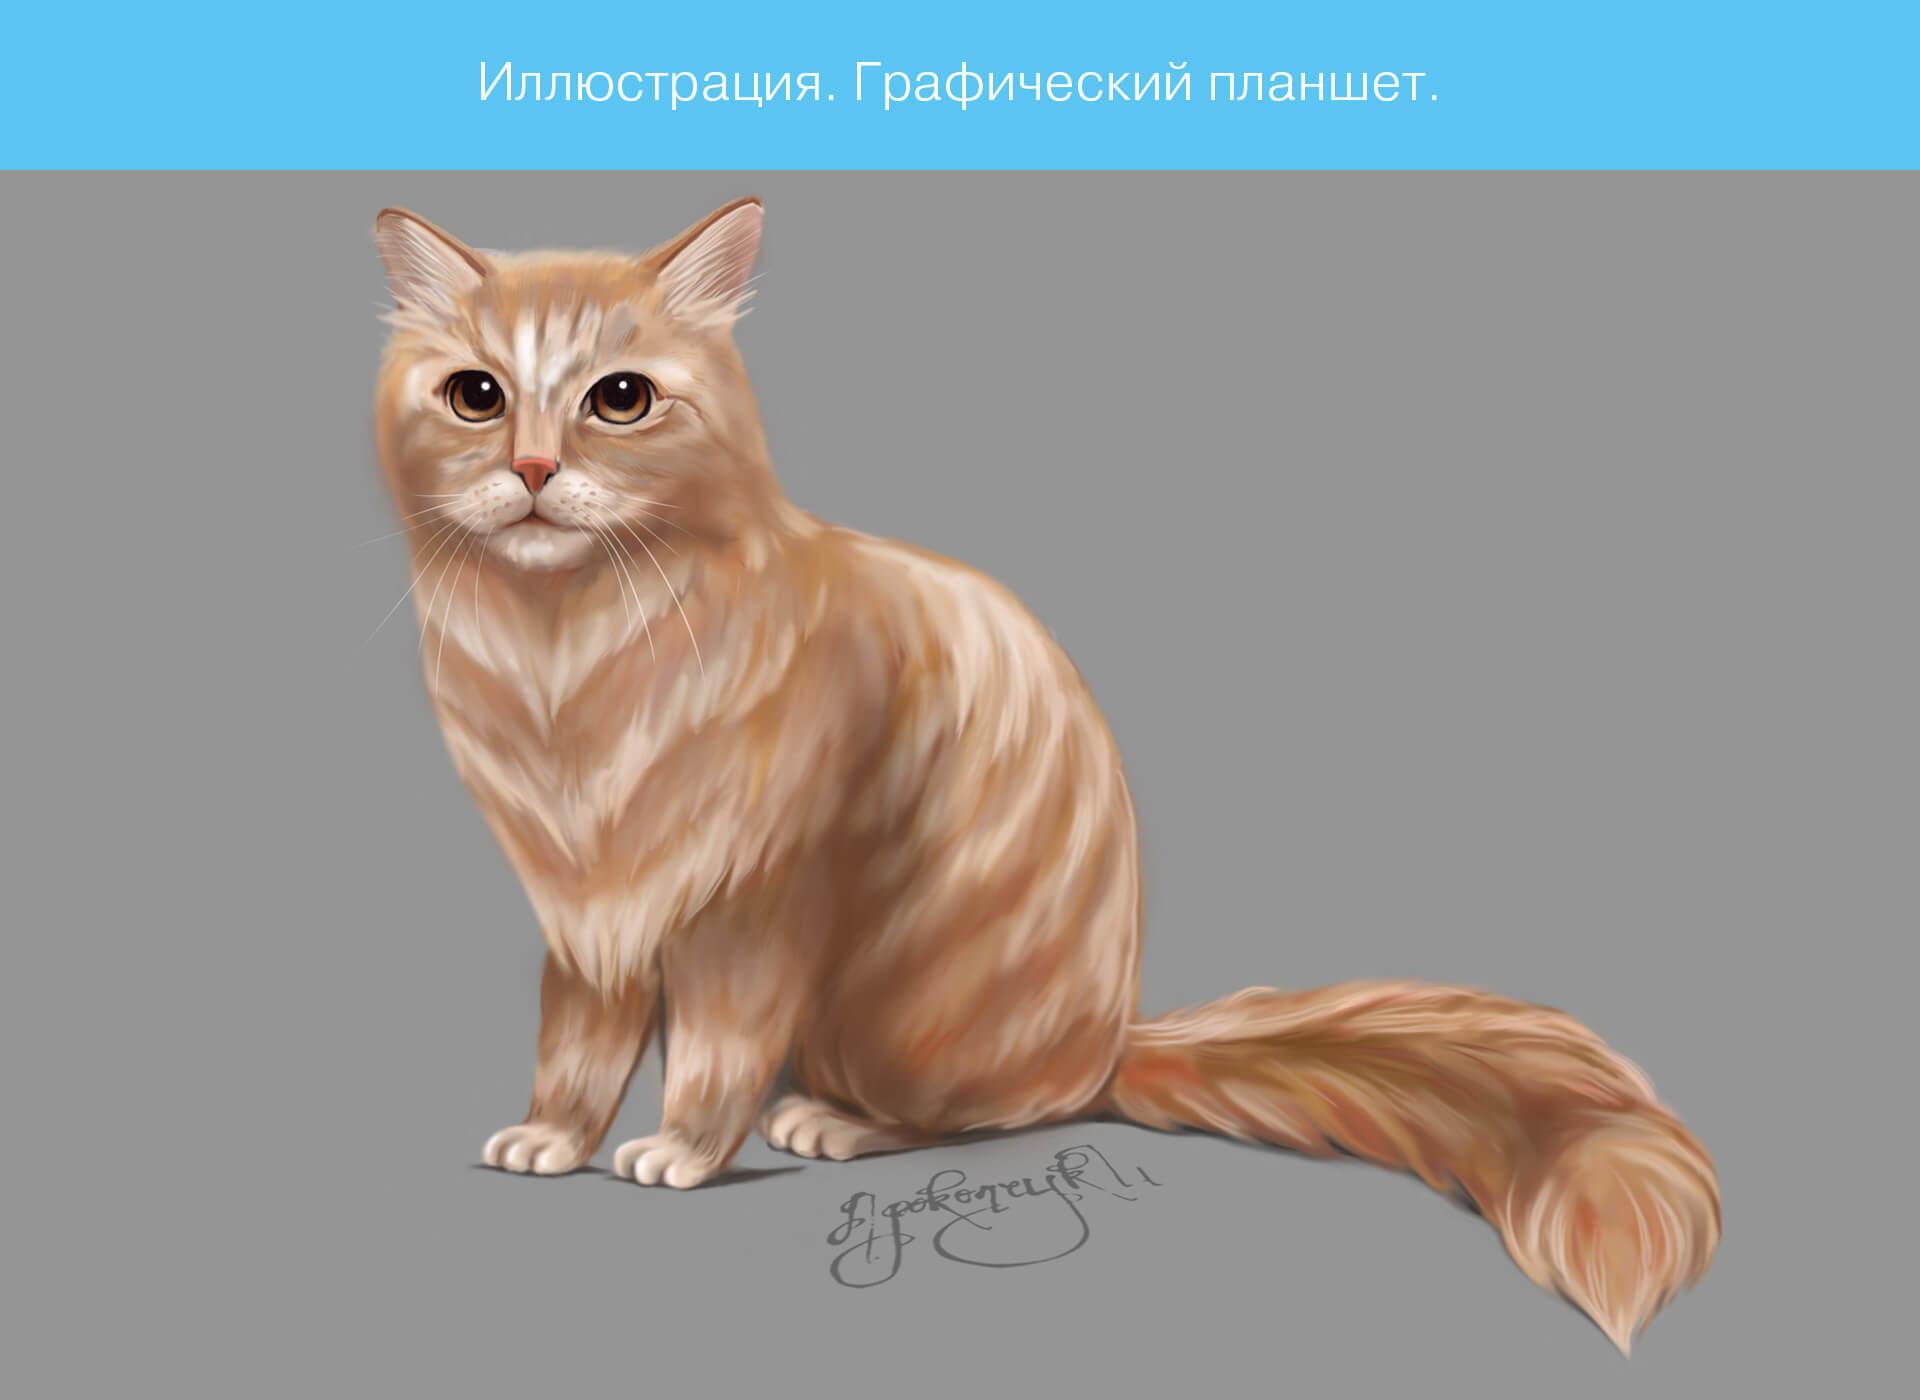 Prokochuk_Irina_Illustration_cat_1